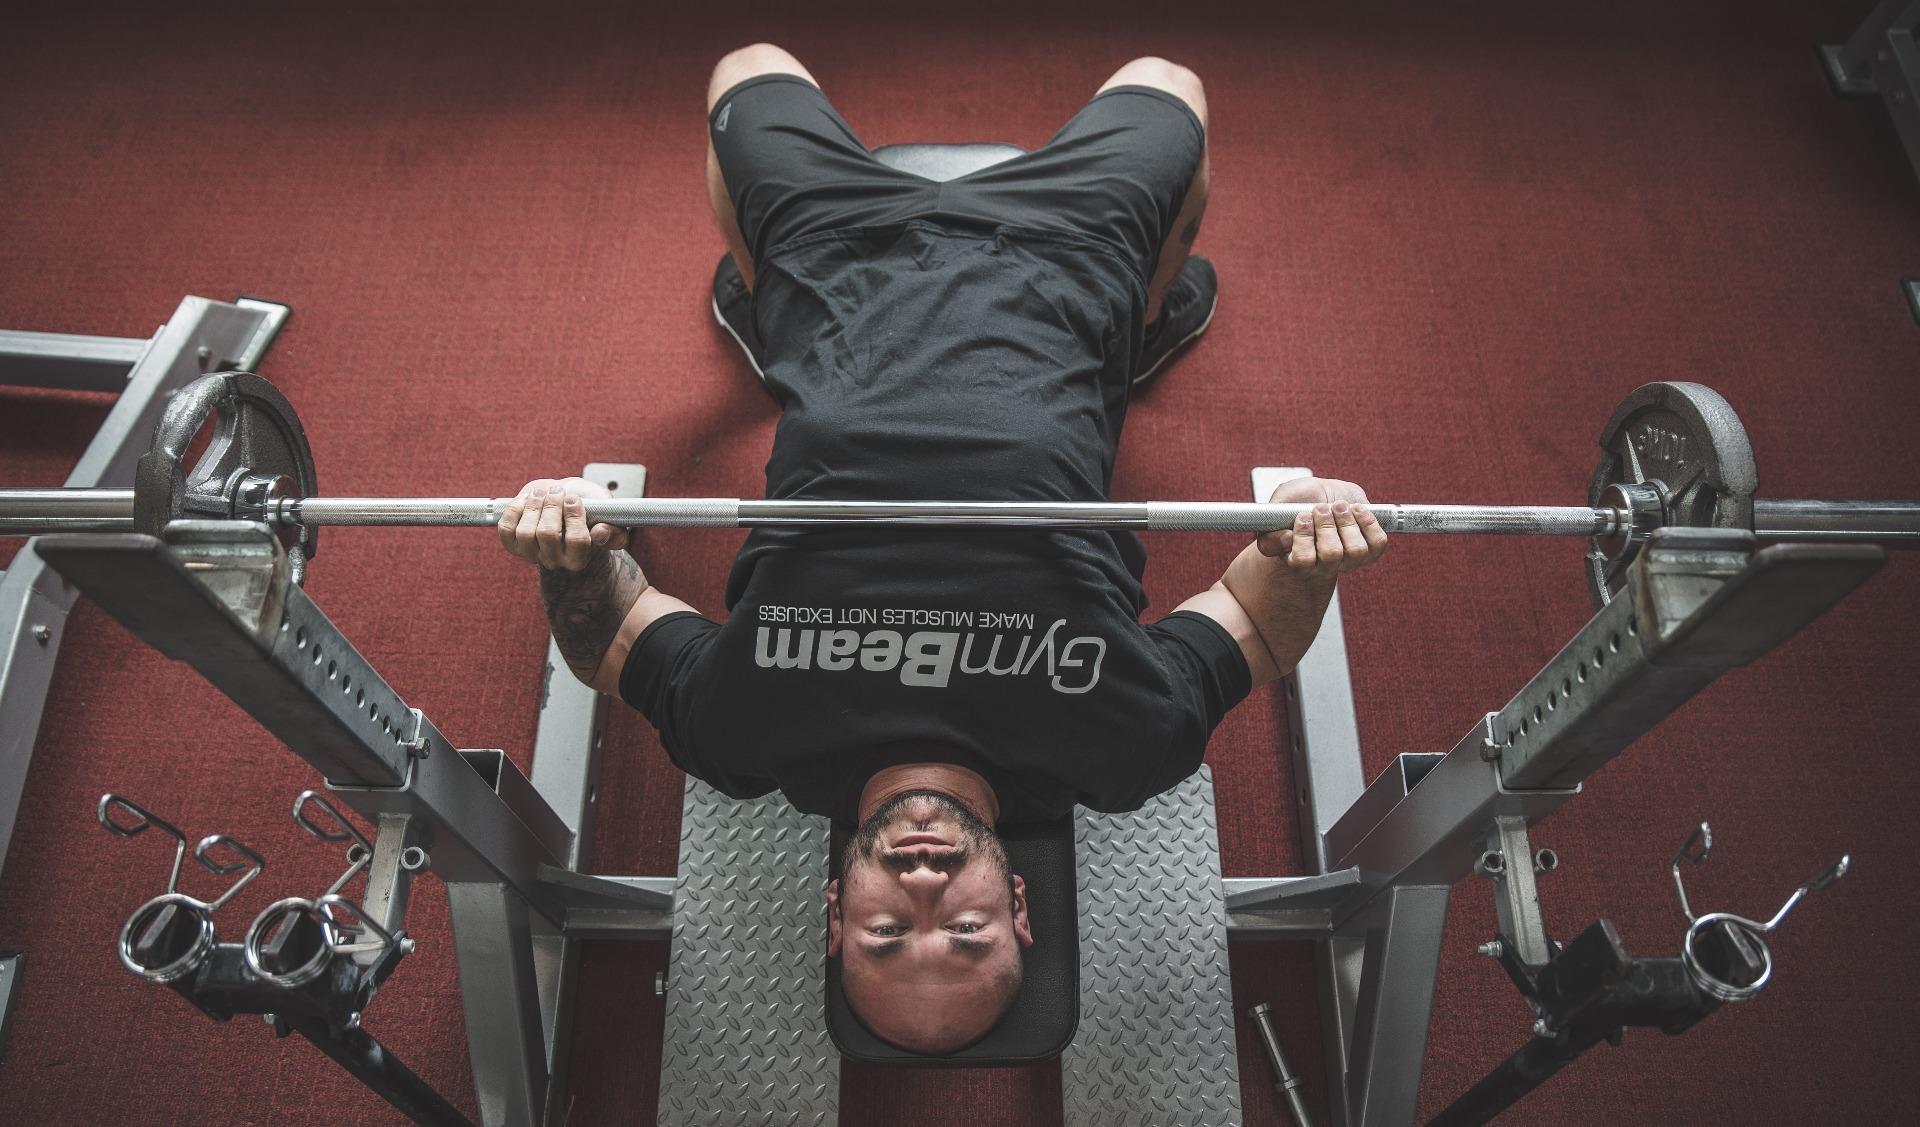 Es stärkt Muskeln und Knochen